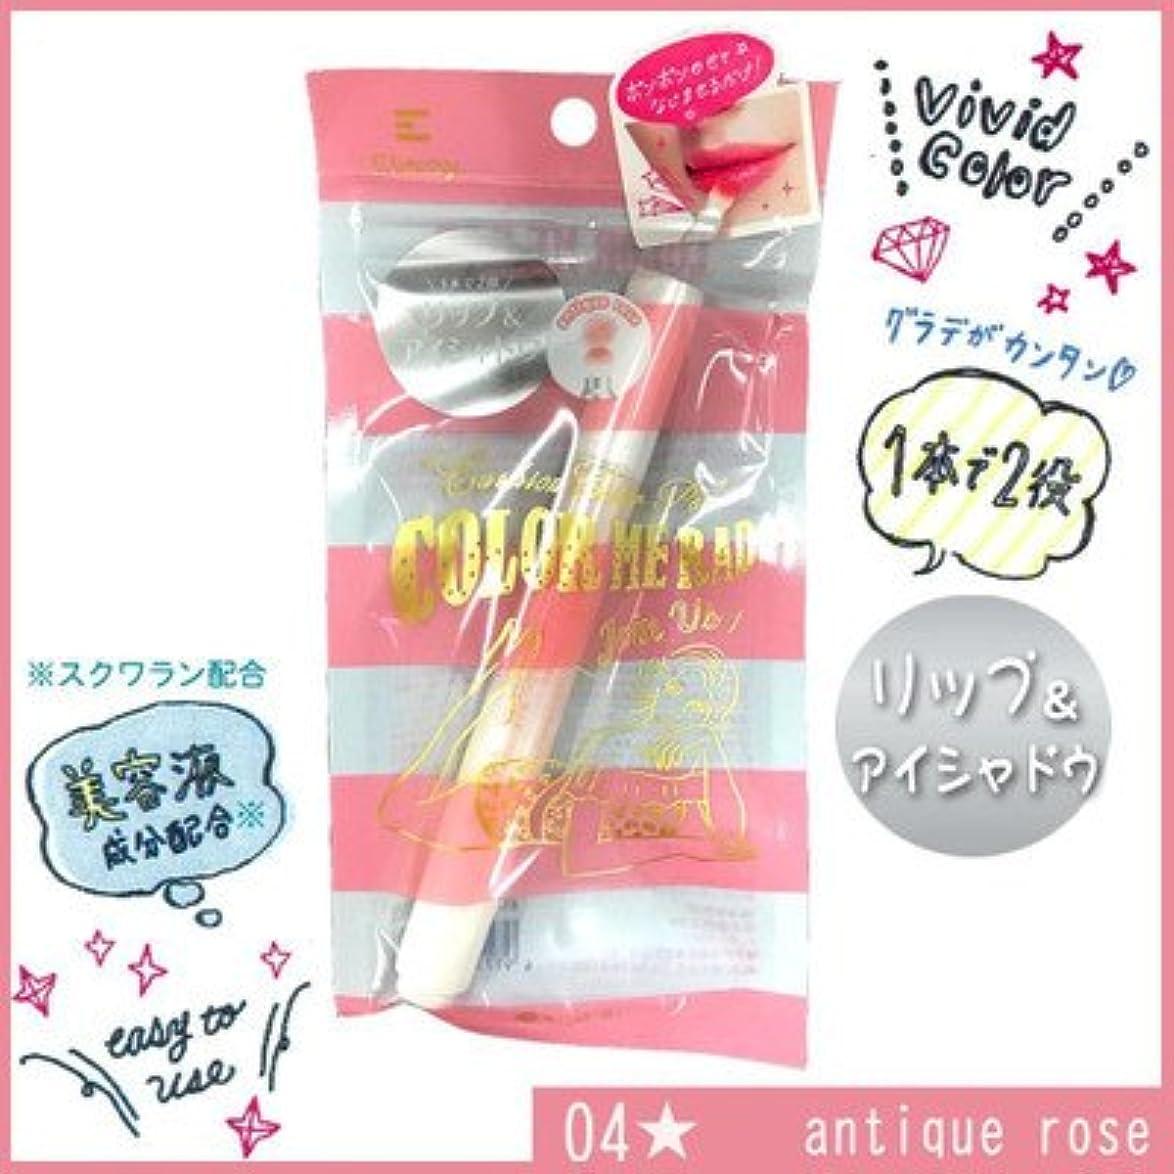 未使用部分的推測クッションチップでグラデも簡単 COLOR ME RAD クッションカラーぺン 04 リップカラー antique rose EL74250